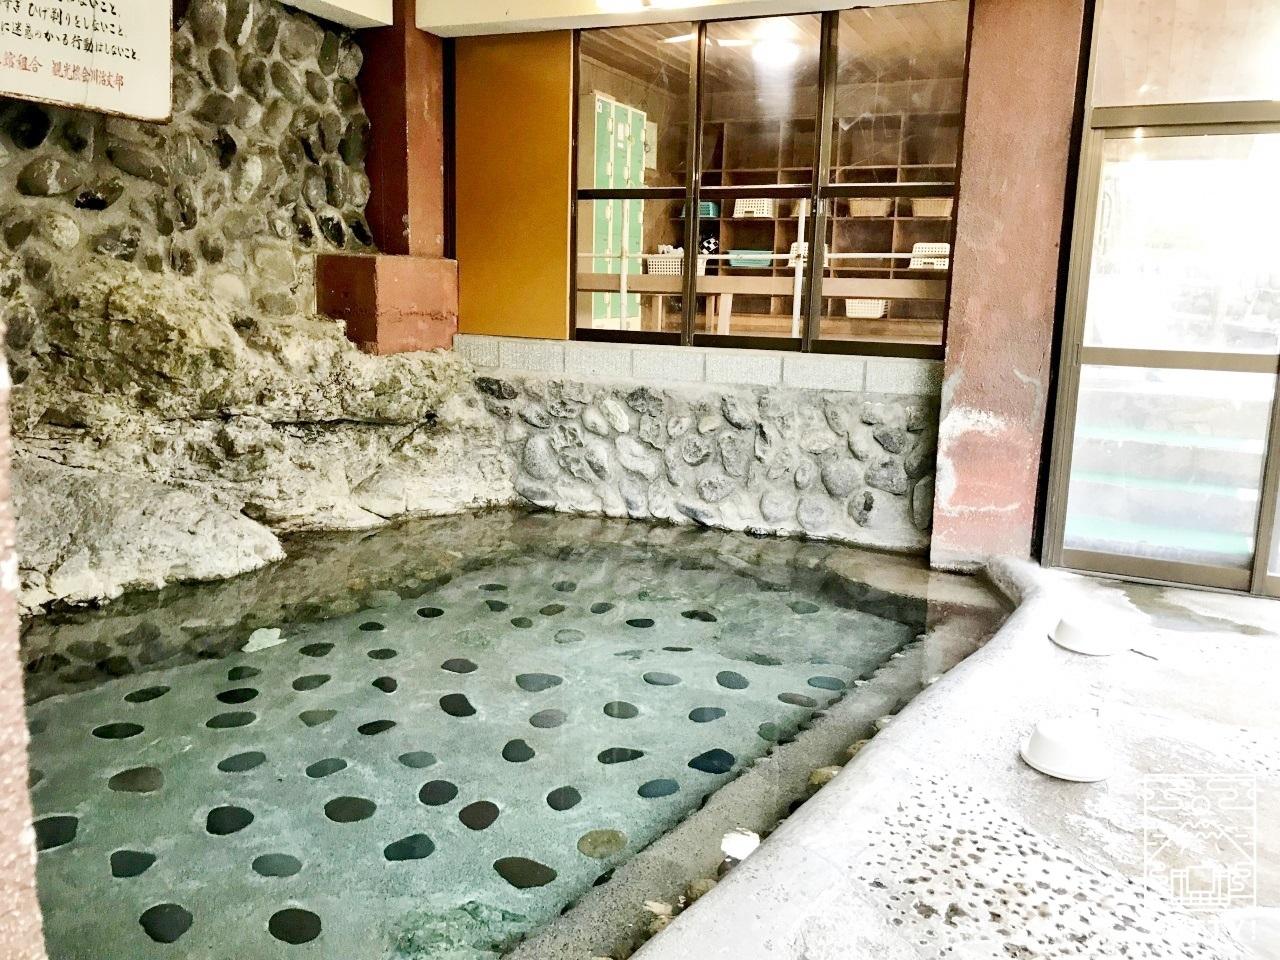 薬師の湯 露天風呂 柵のついた湯船の写真